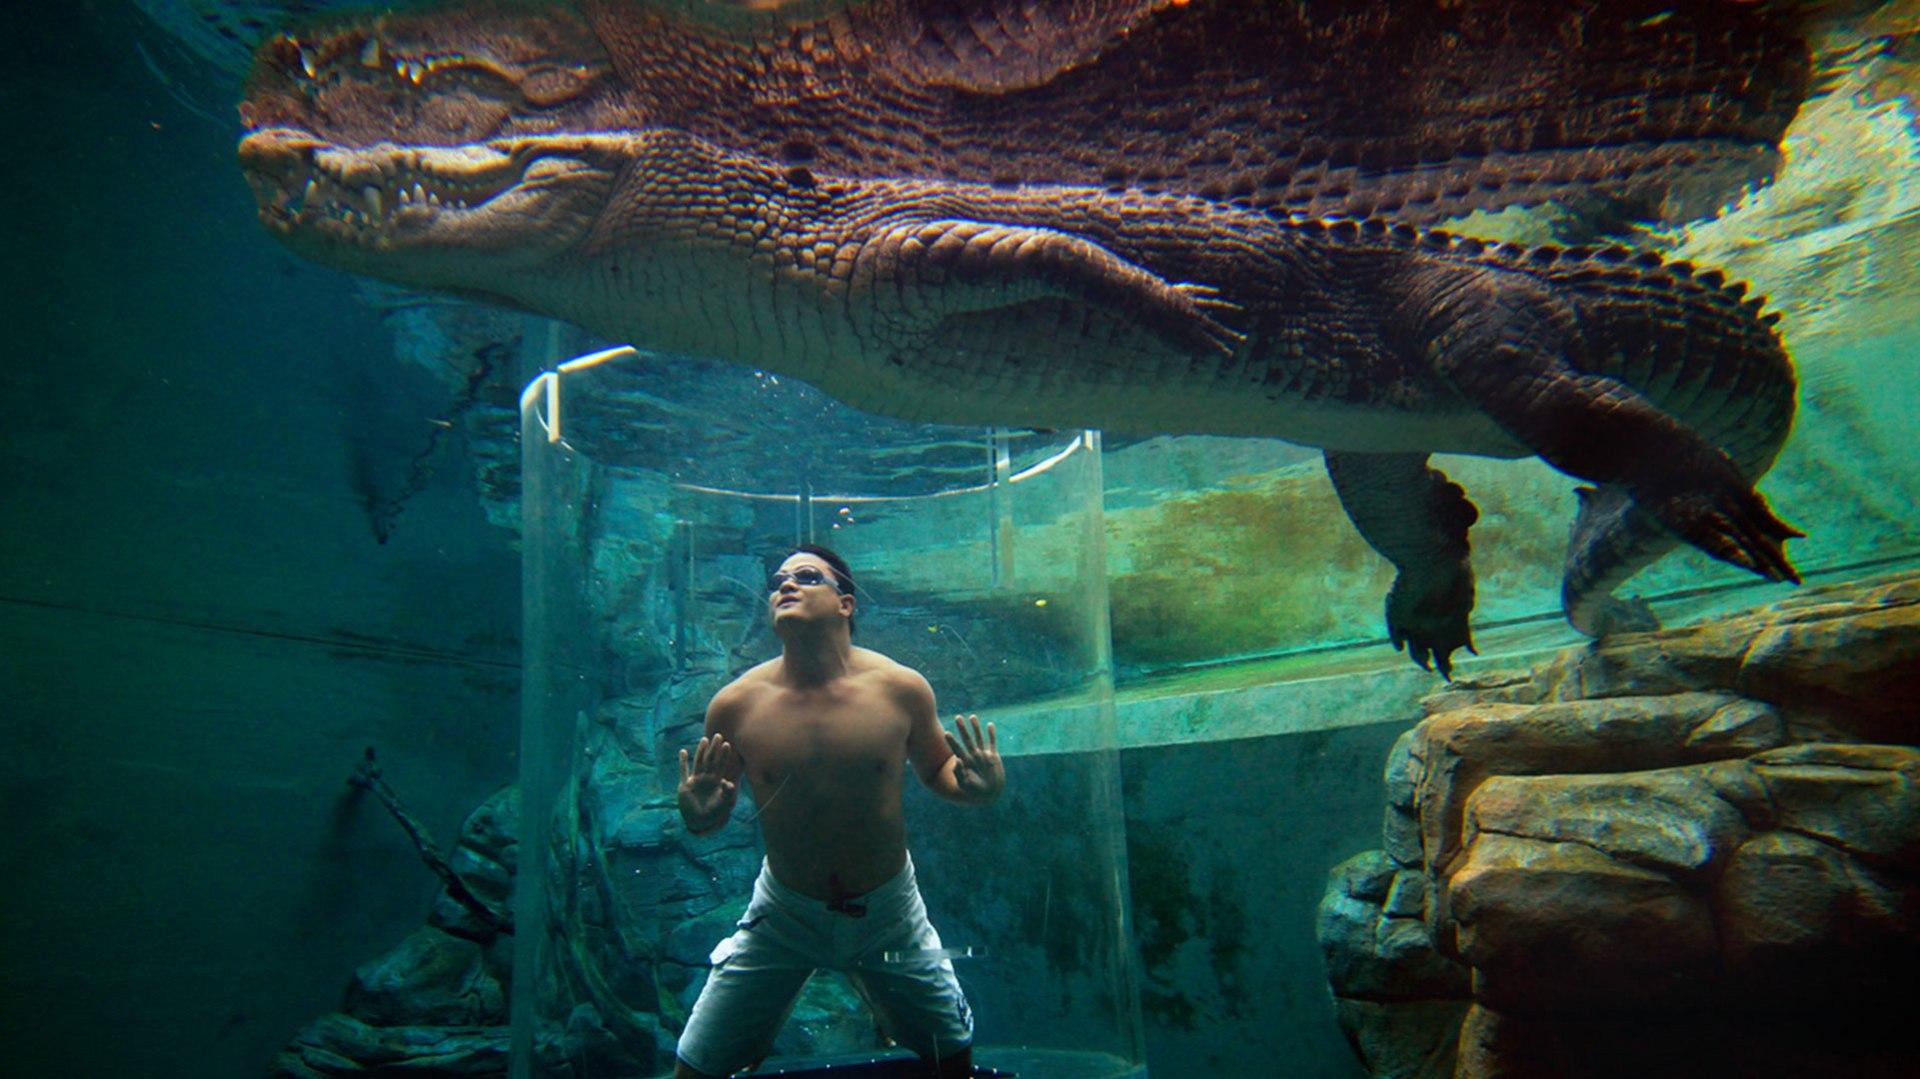 Crocosaurus-Cove